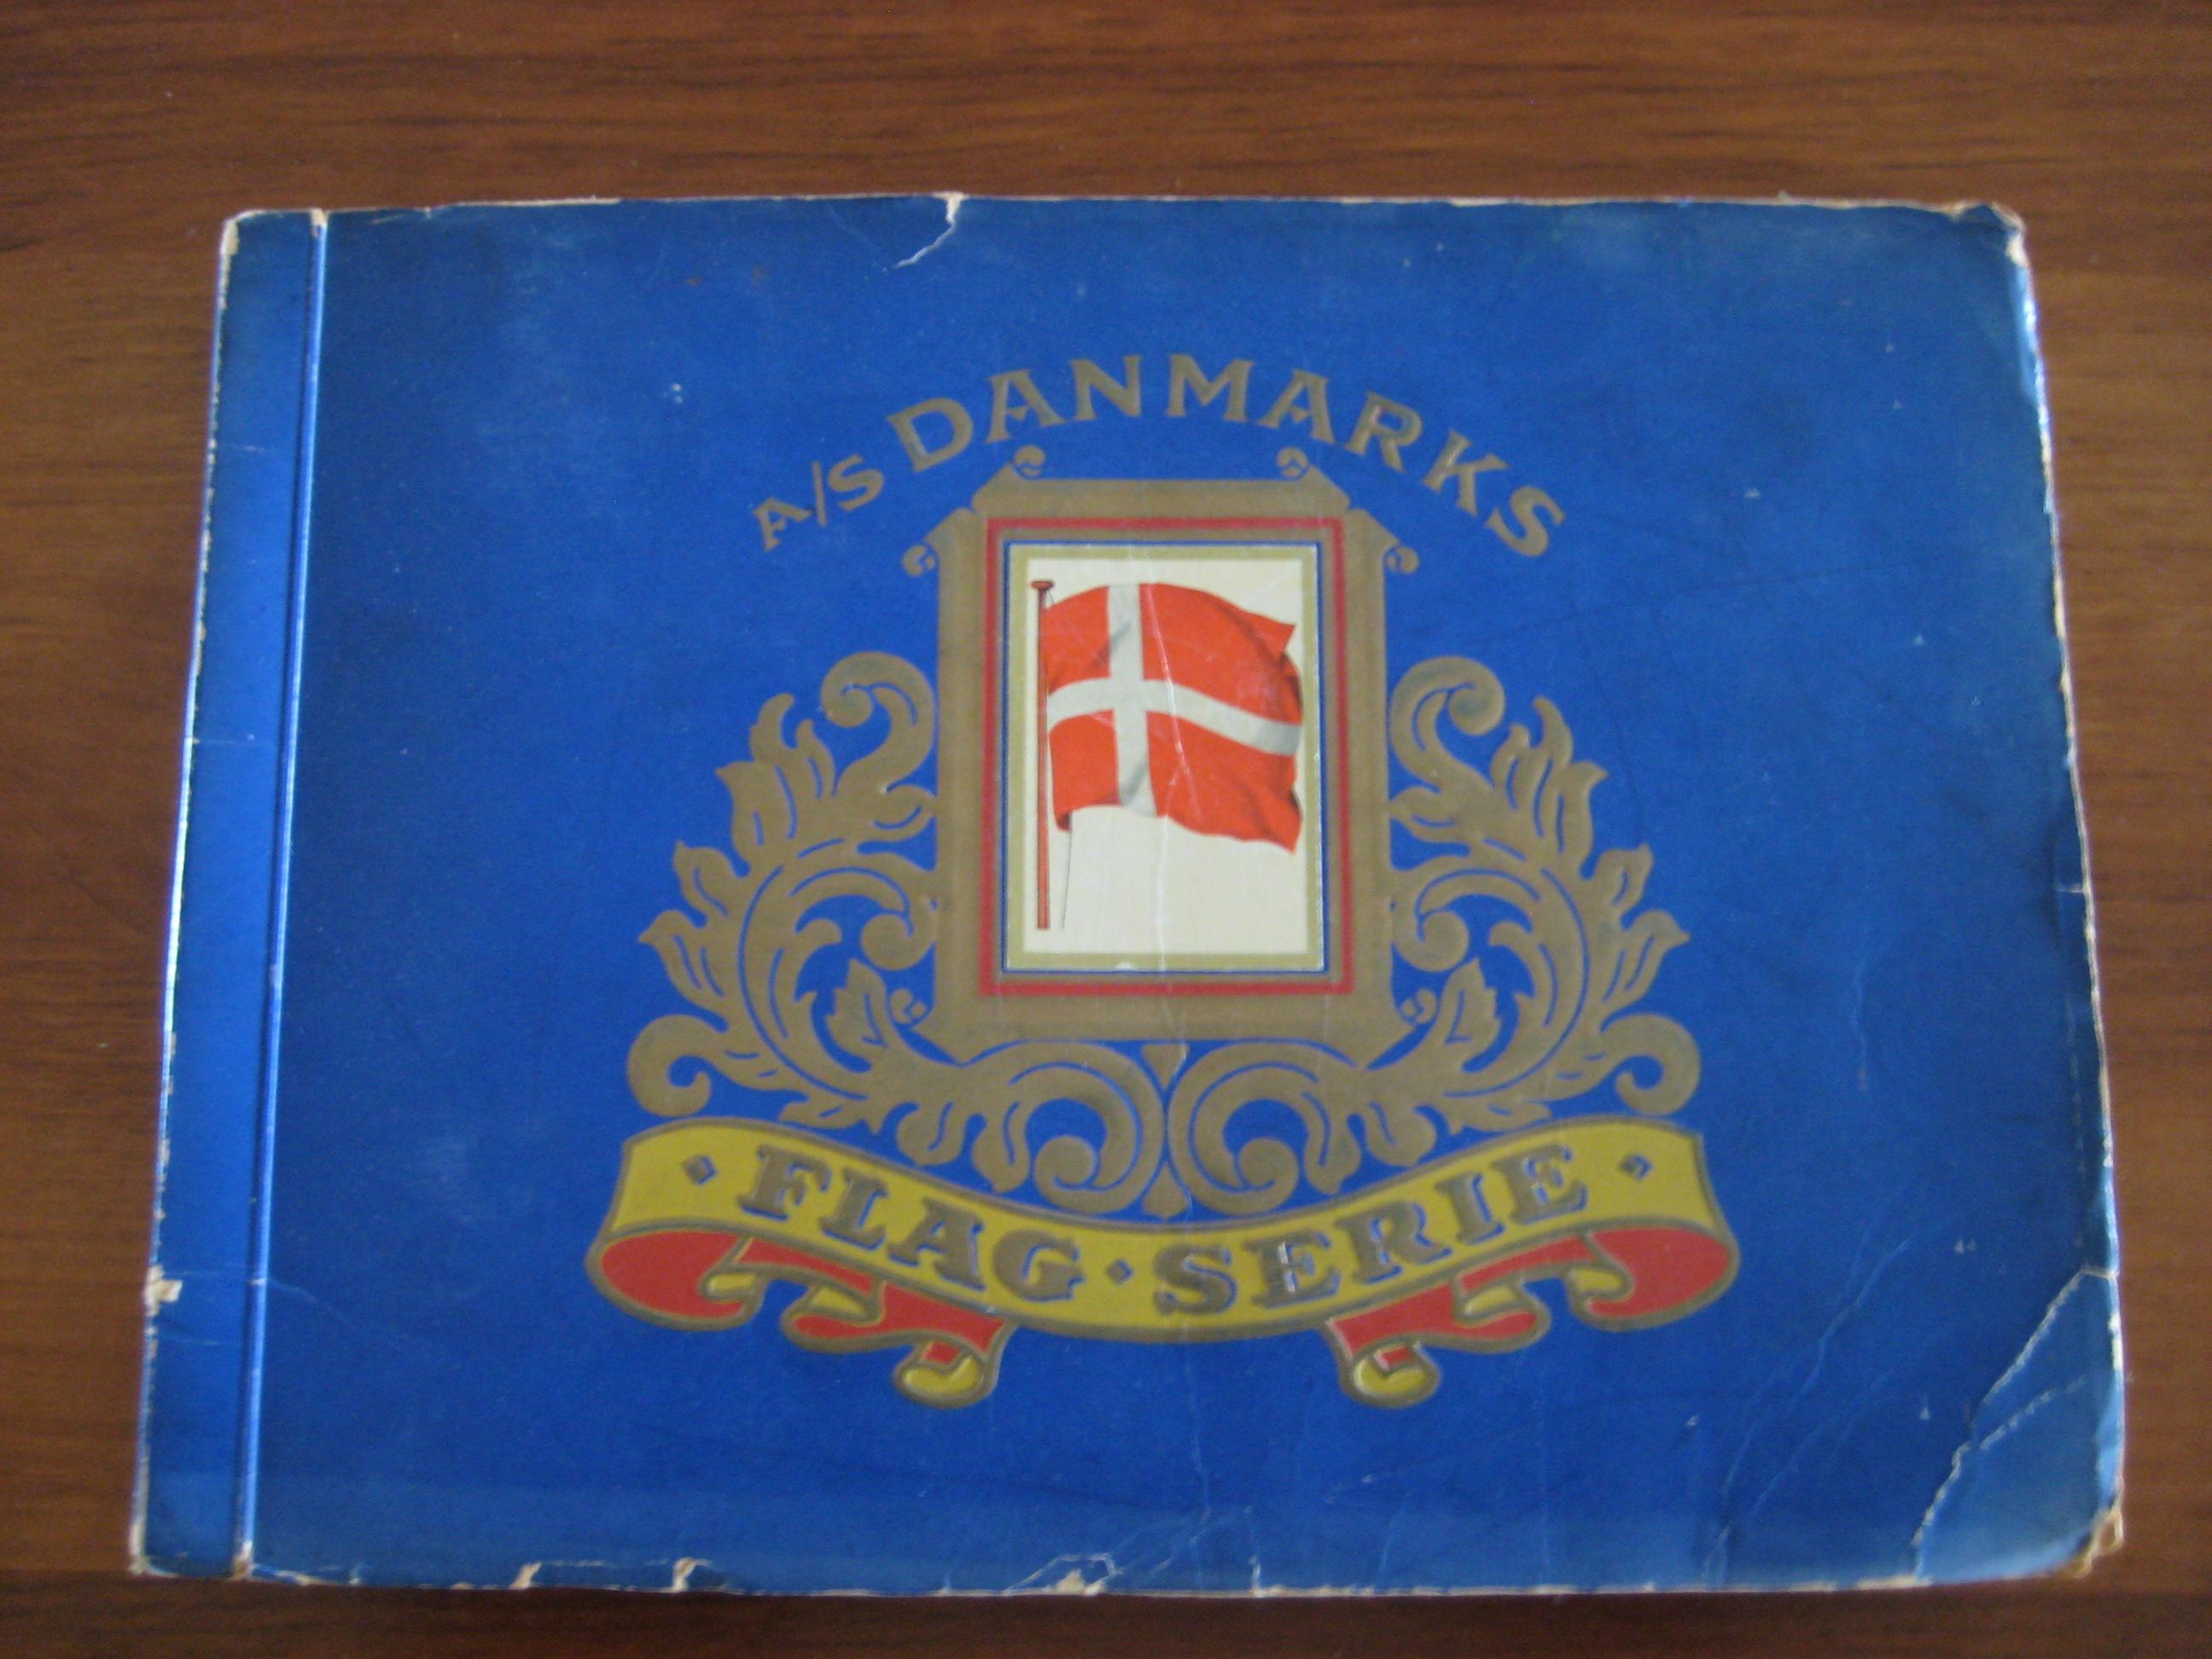 Danmarks Flagserien